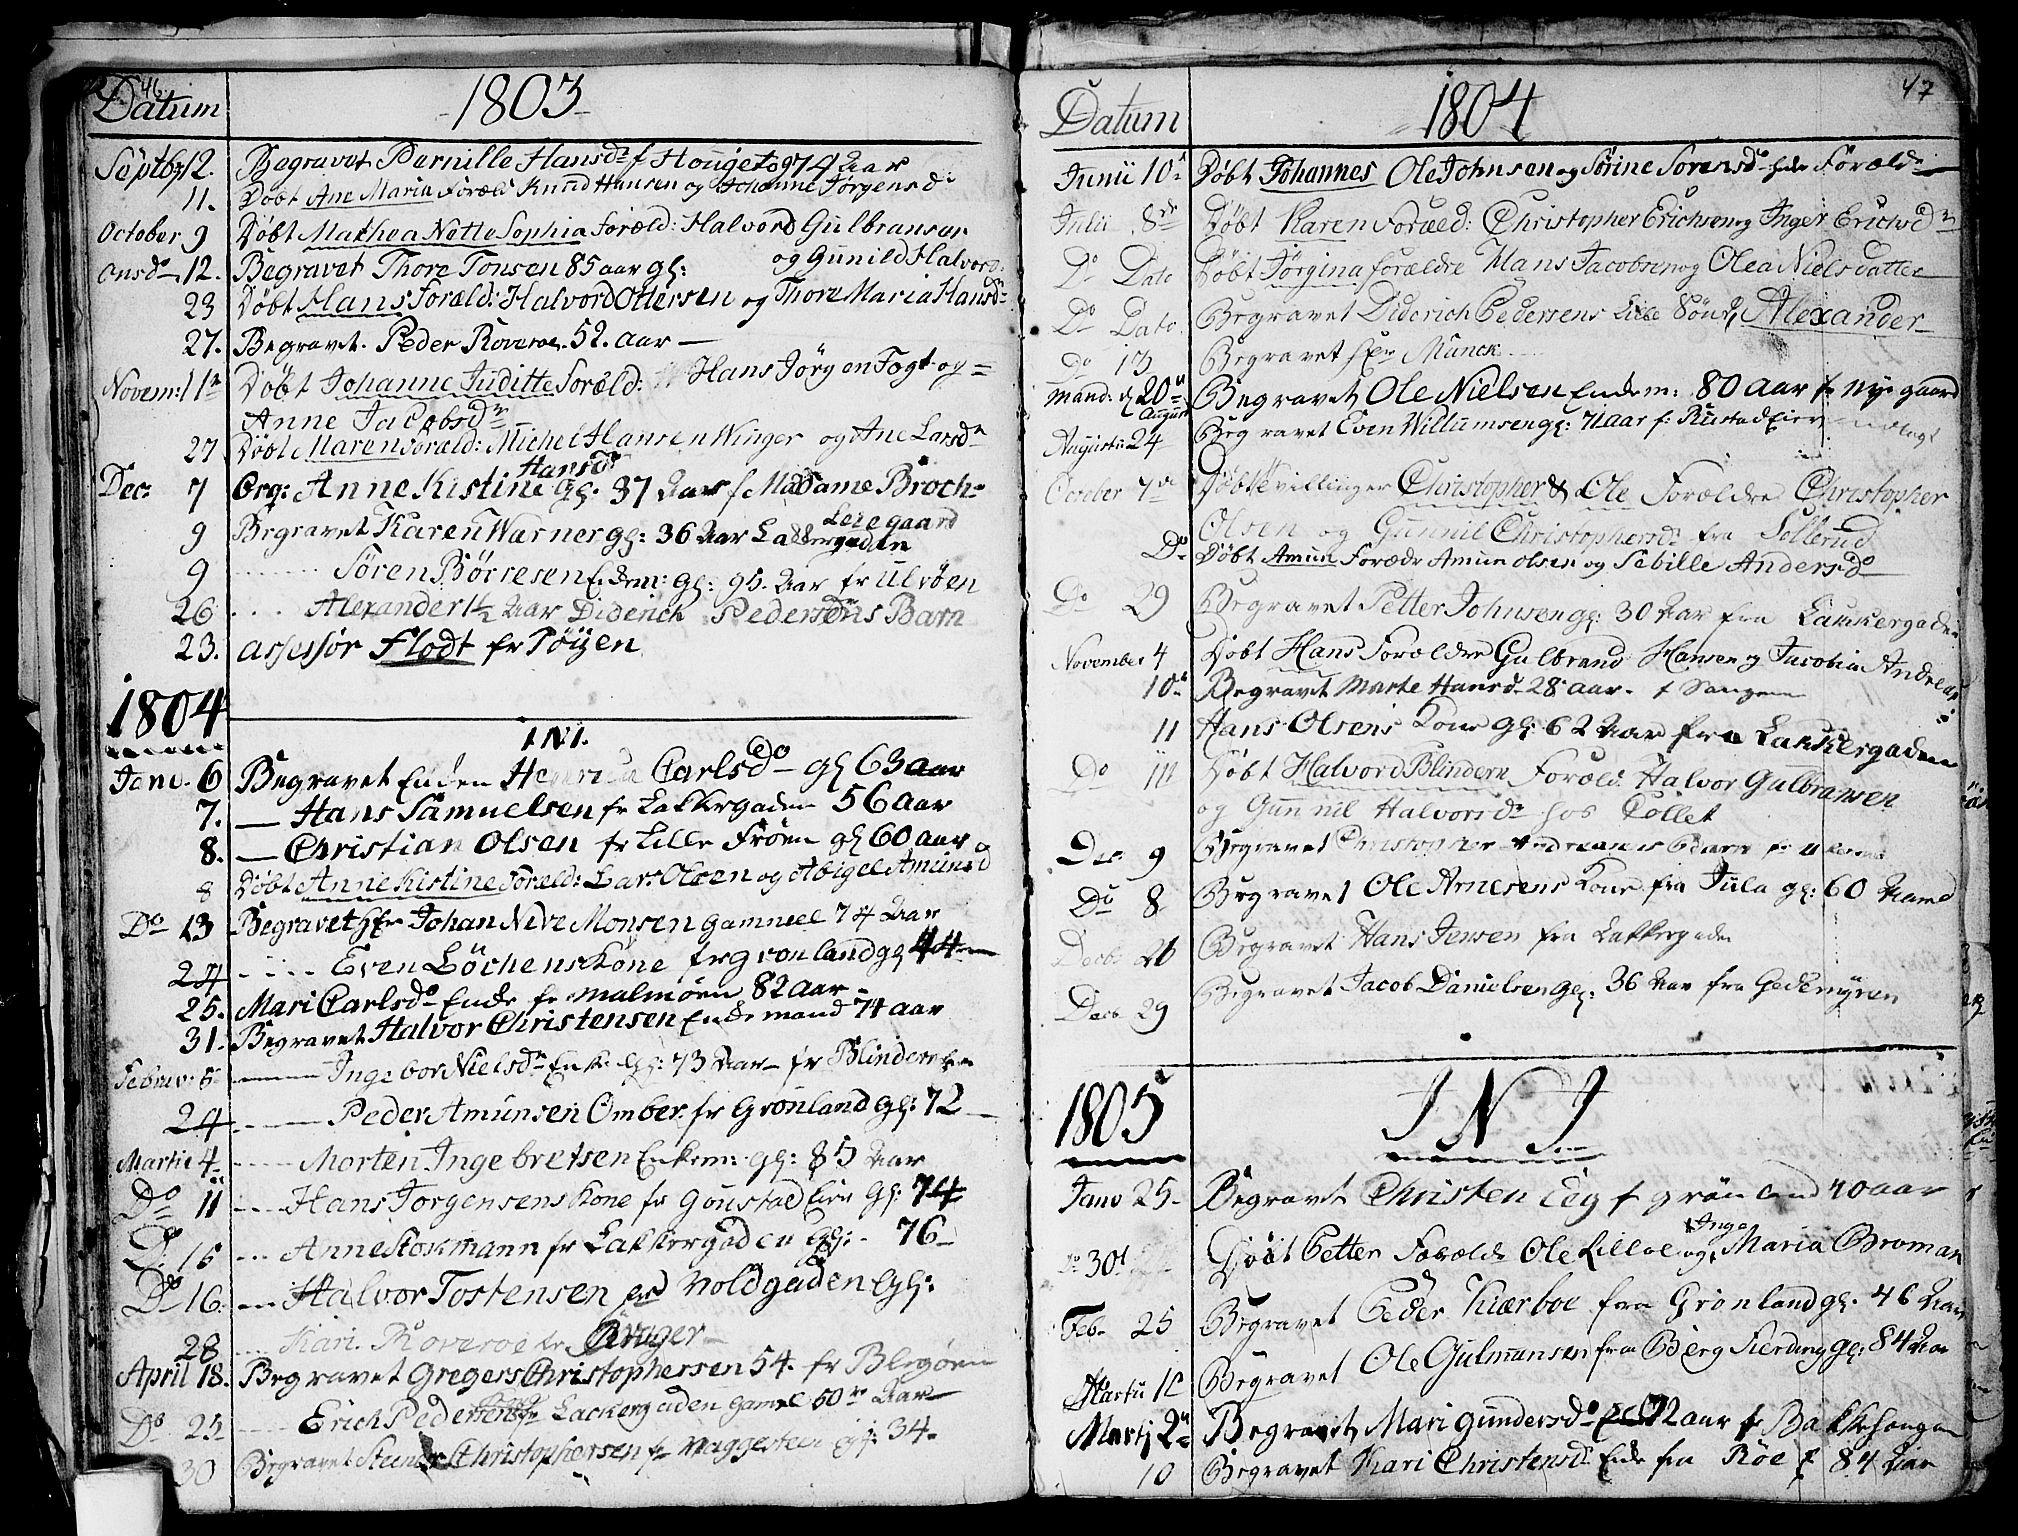 SAO, Aker prestekontor kirkebøker, G/L0001: Klokkerbok nr. 1, 1796-1826, s. 46-47